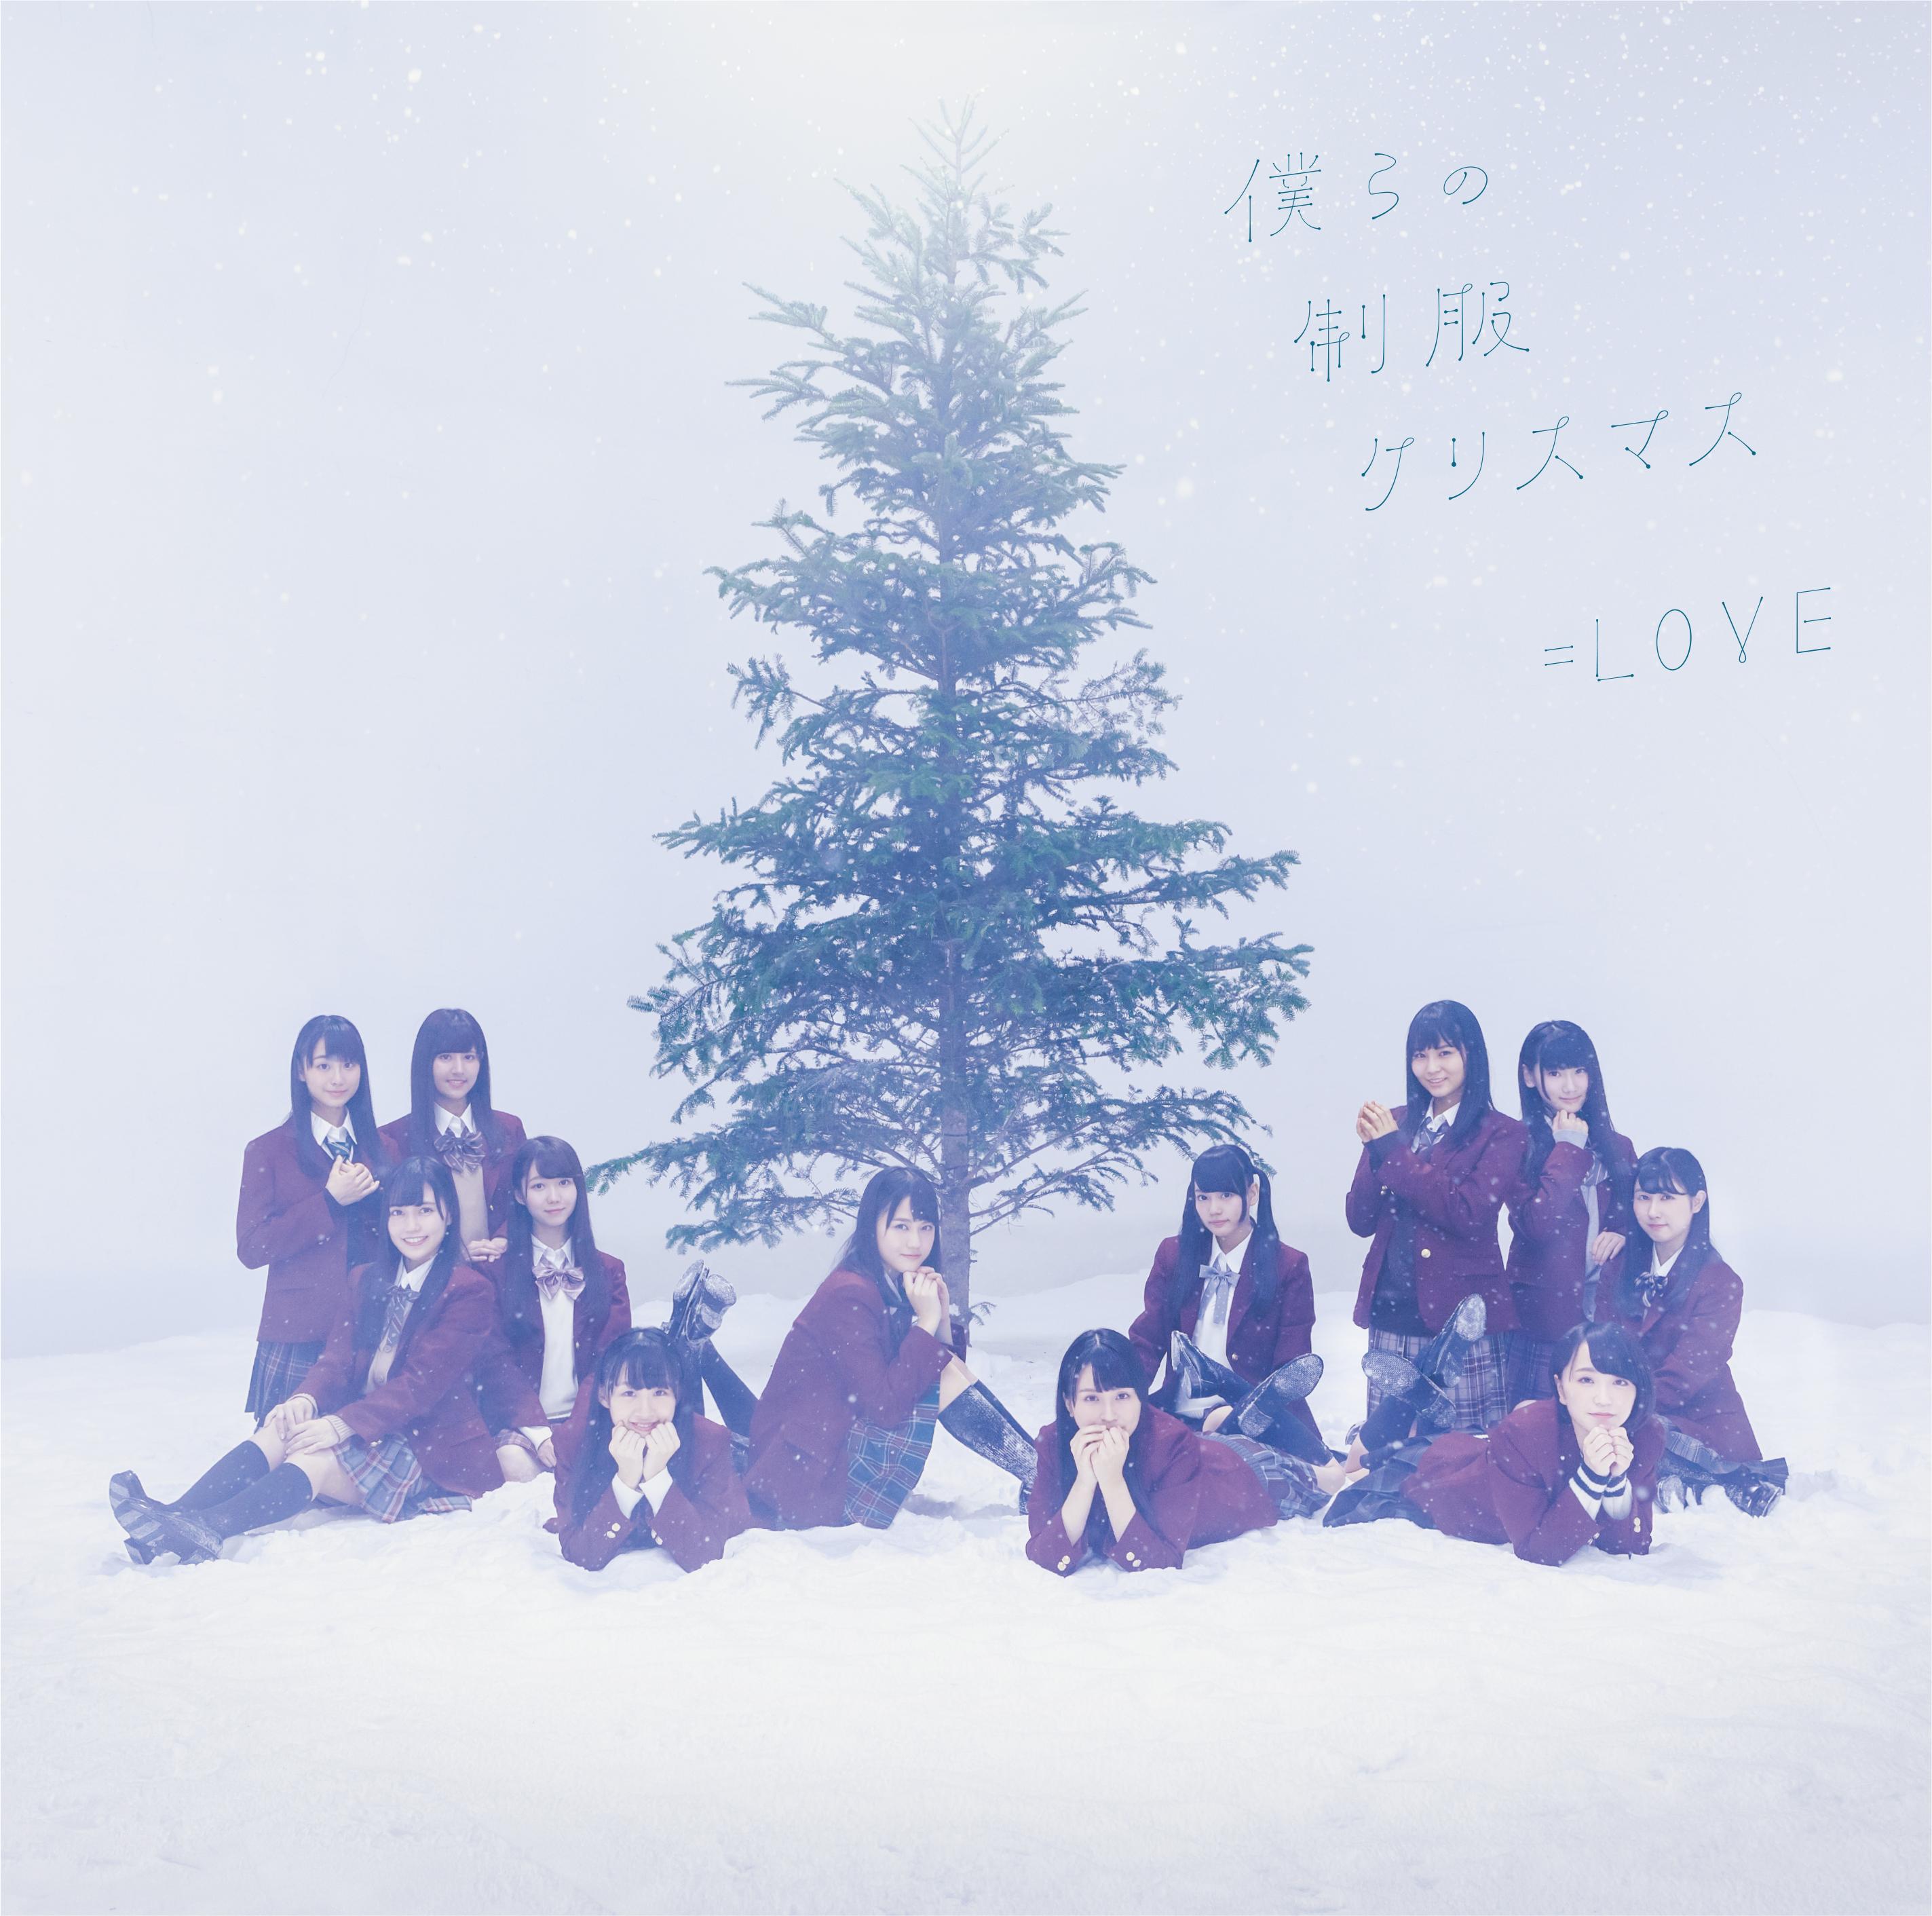 僕らの制服クリスマス[CD/Type-C](通常盤)